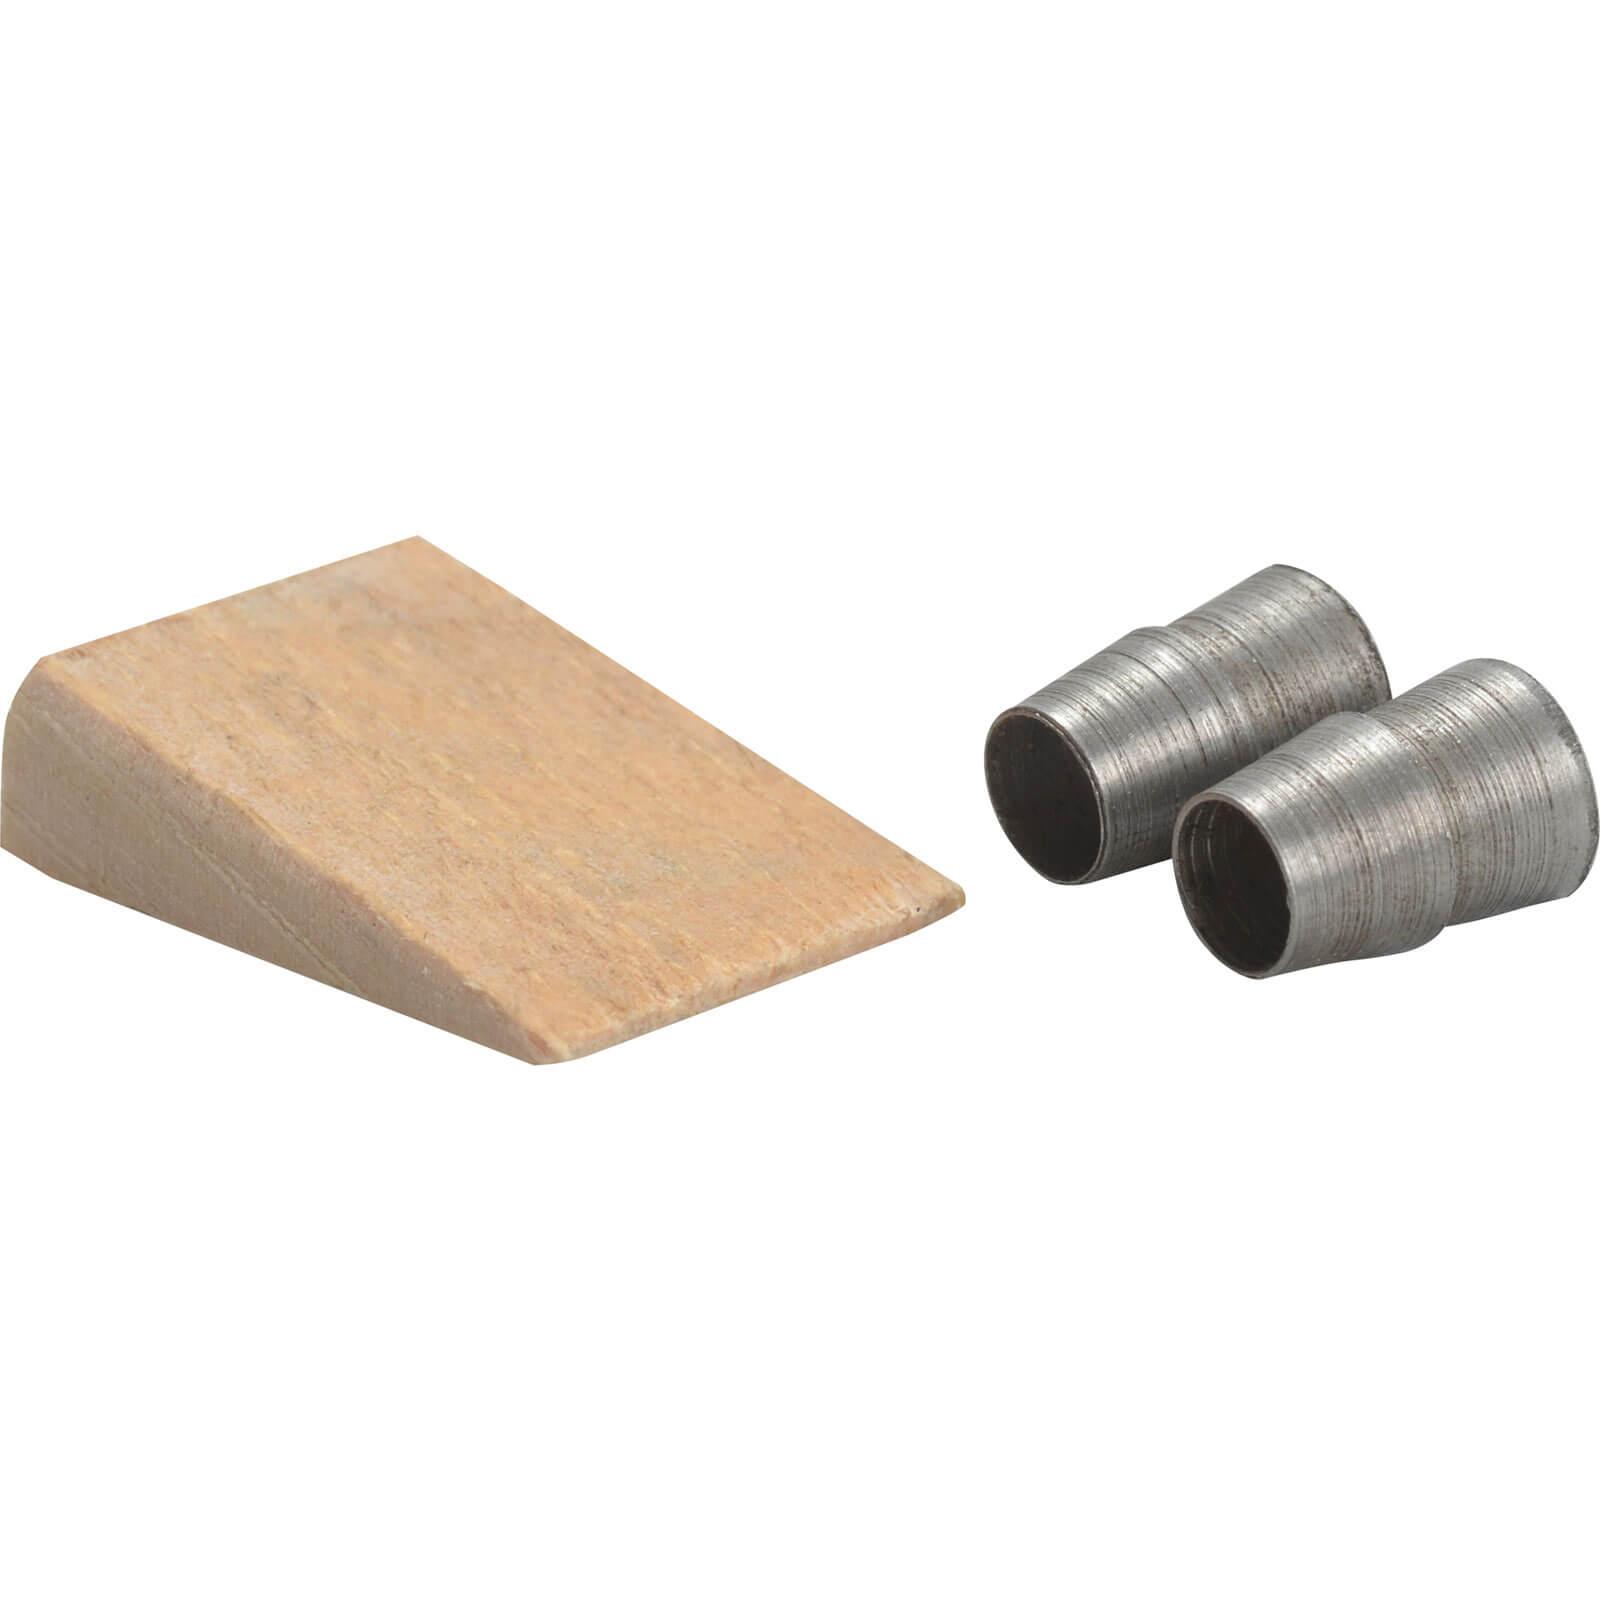 Image of Faithfull Hammer Wedges & Timber Wedges Size 1